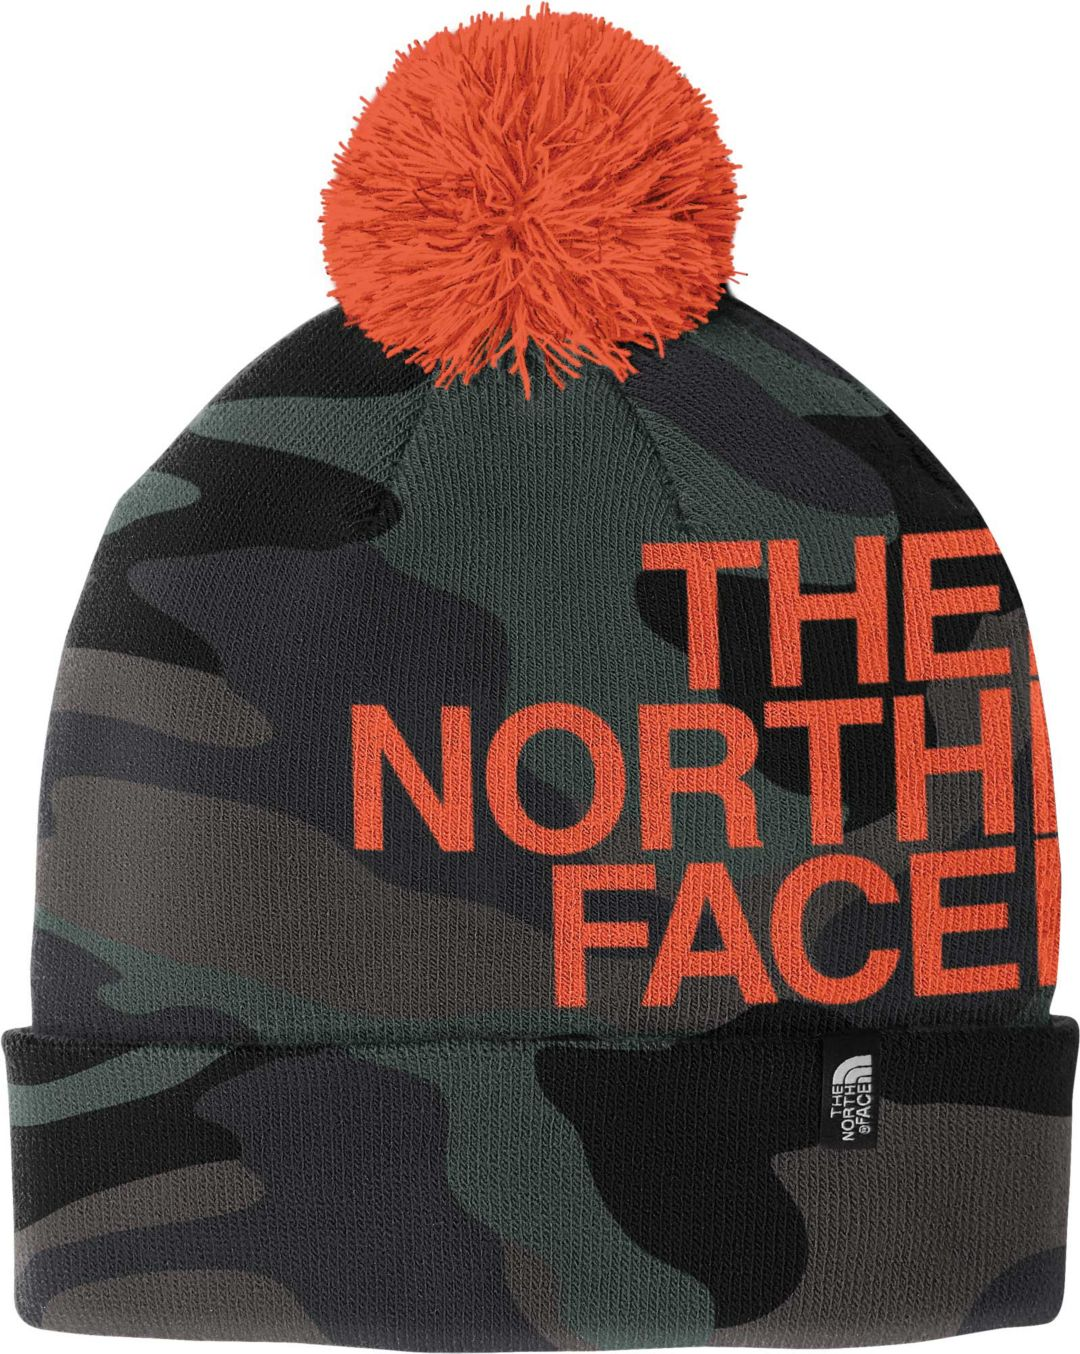 b3570ef5e The North Face Youth Ski Tuke